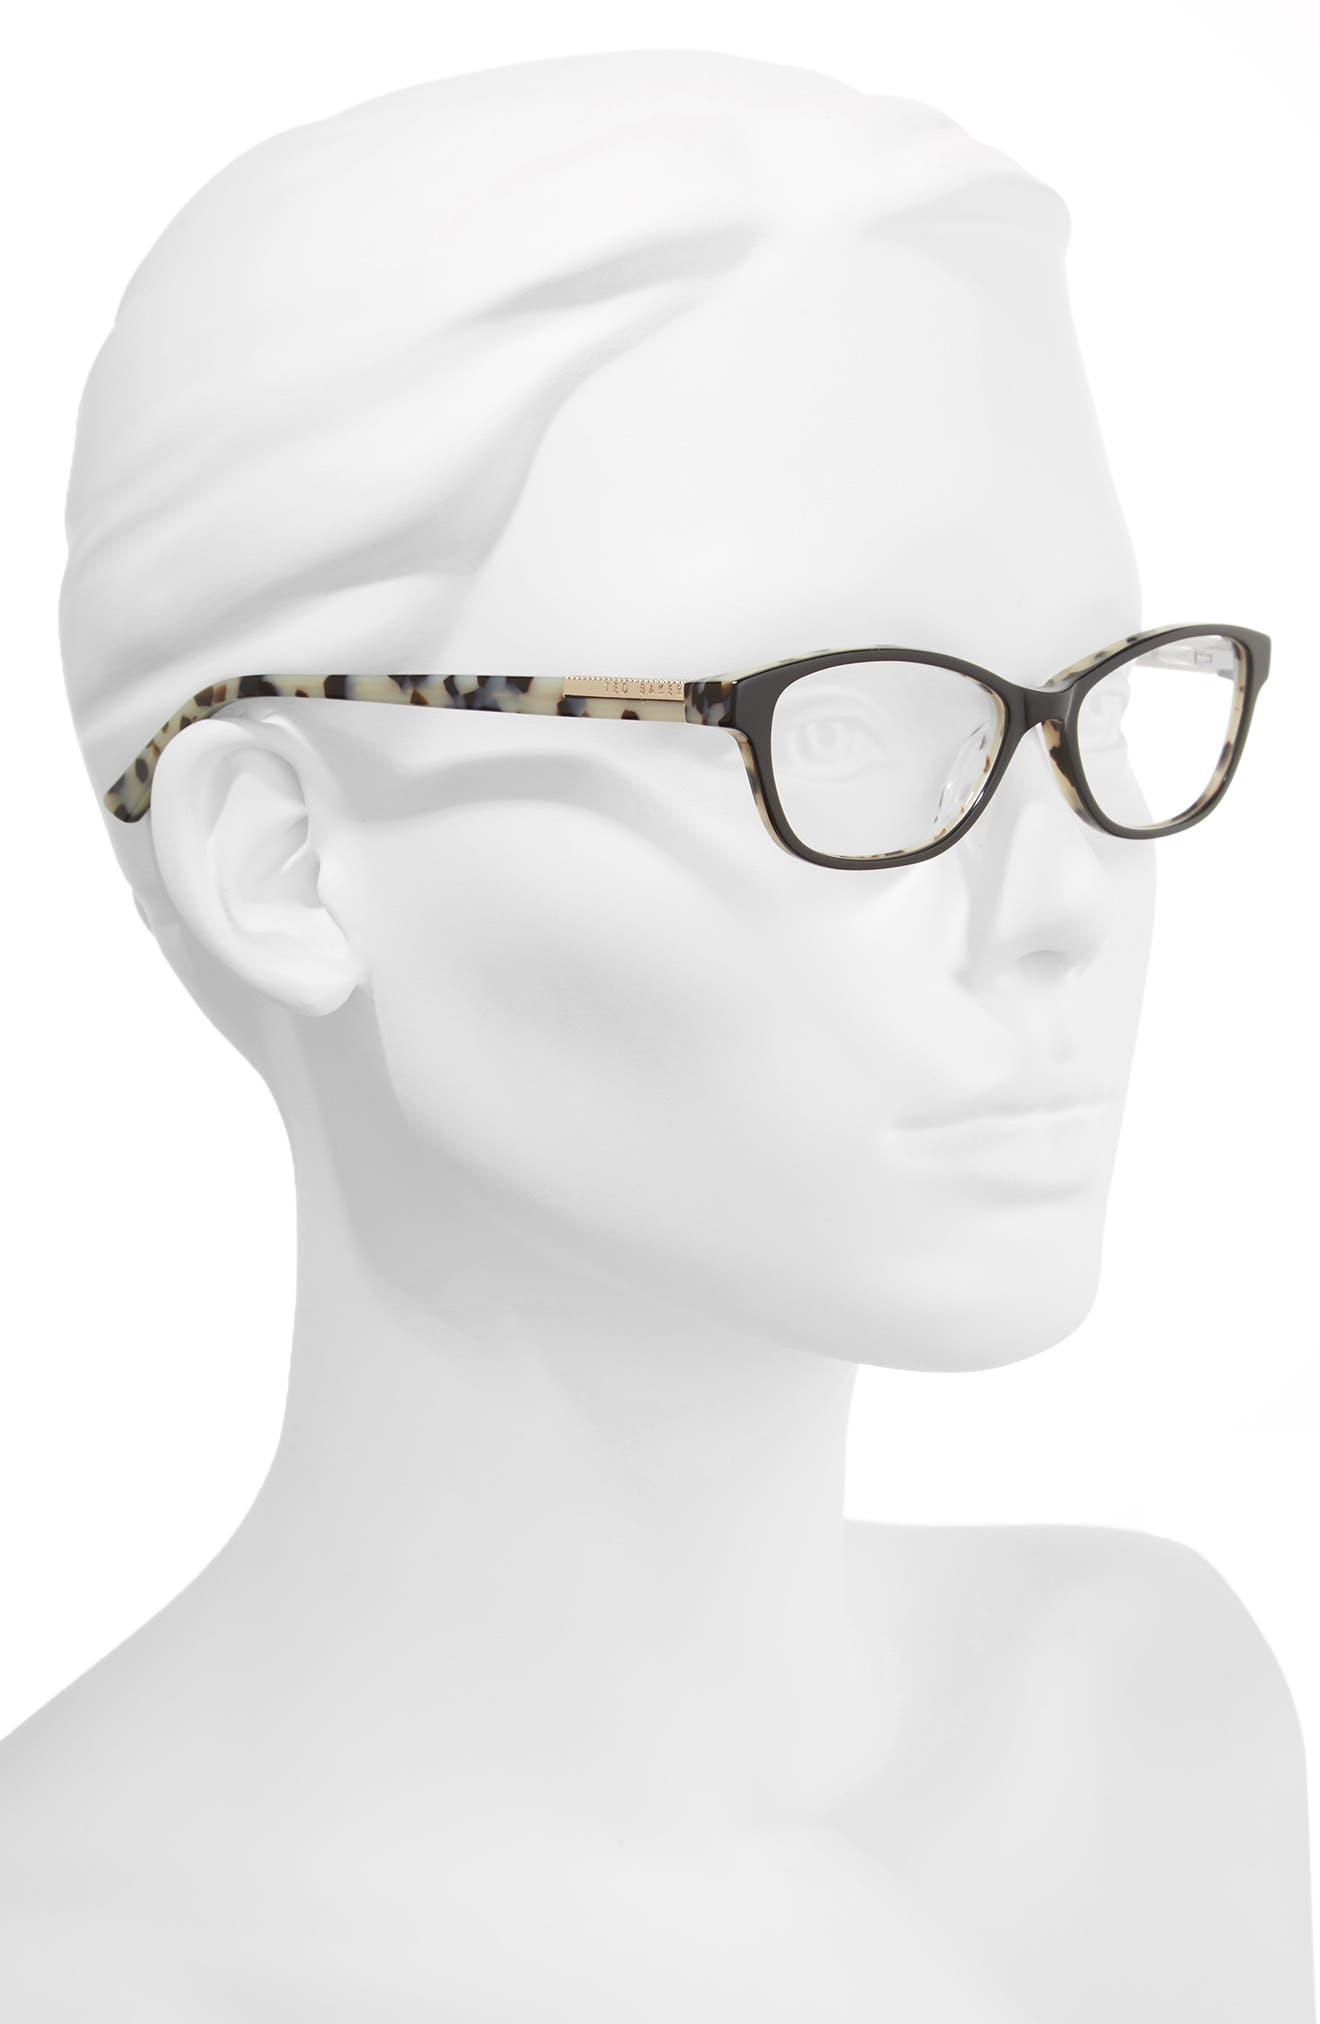 50mm Optical Cat Eye Glasses,                             Alternate thumbnail 2, color,                             001